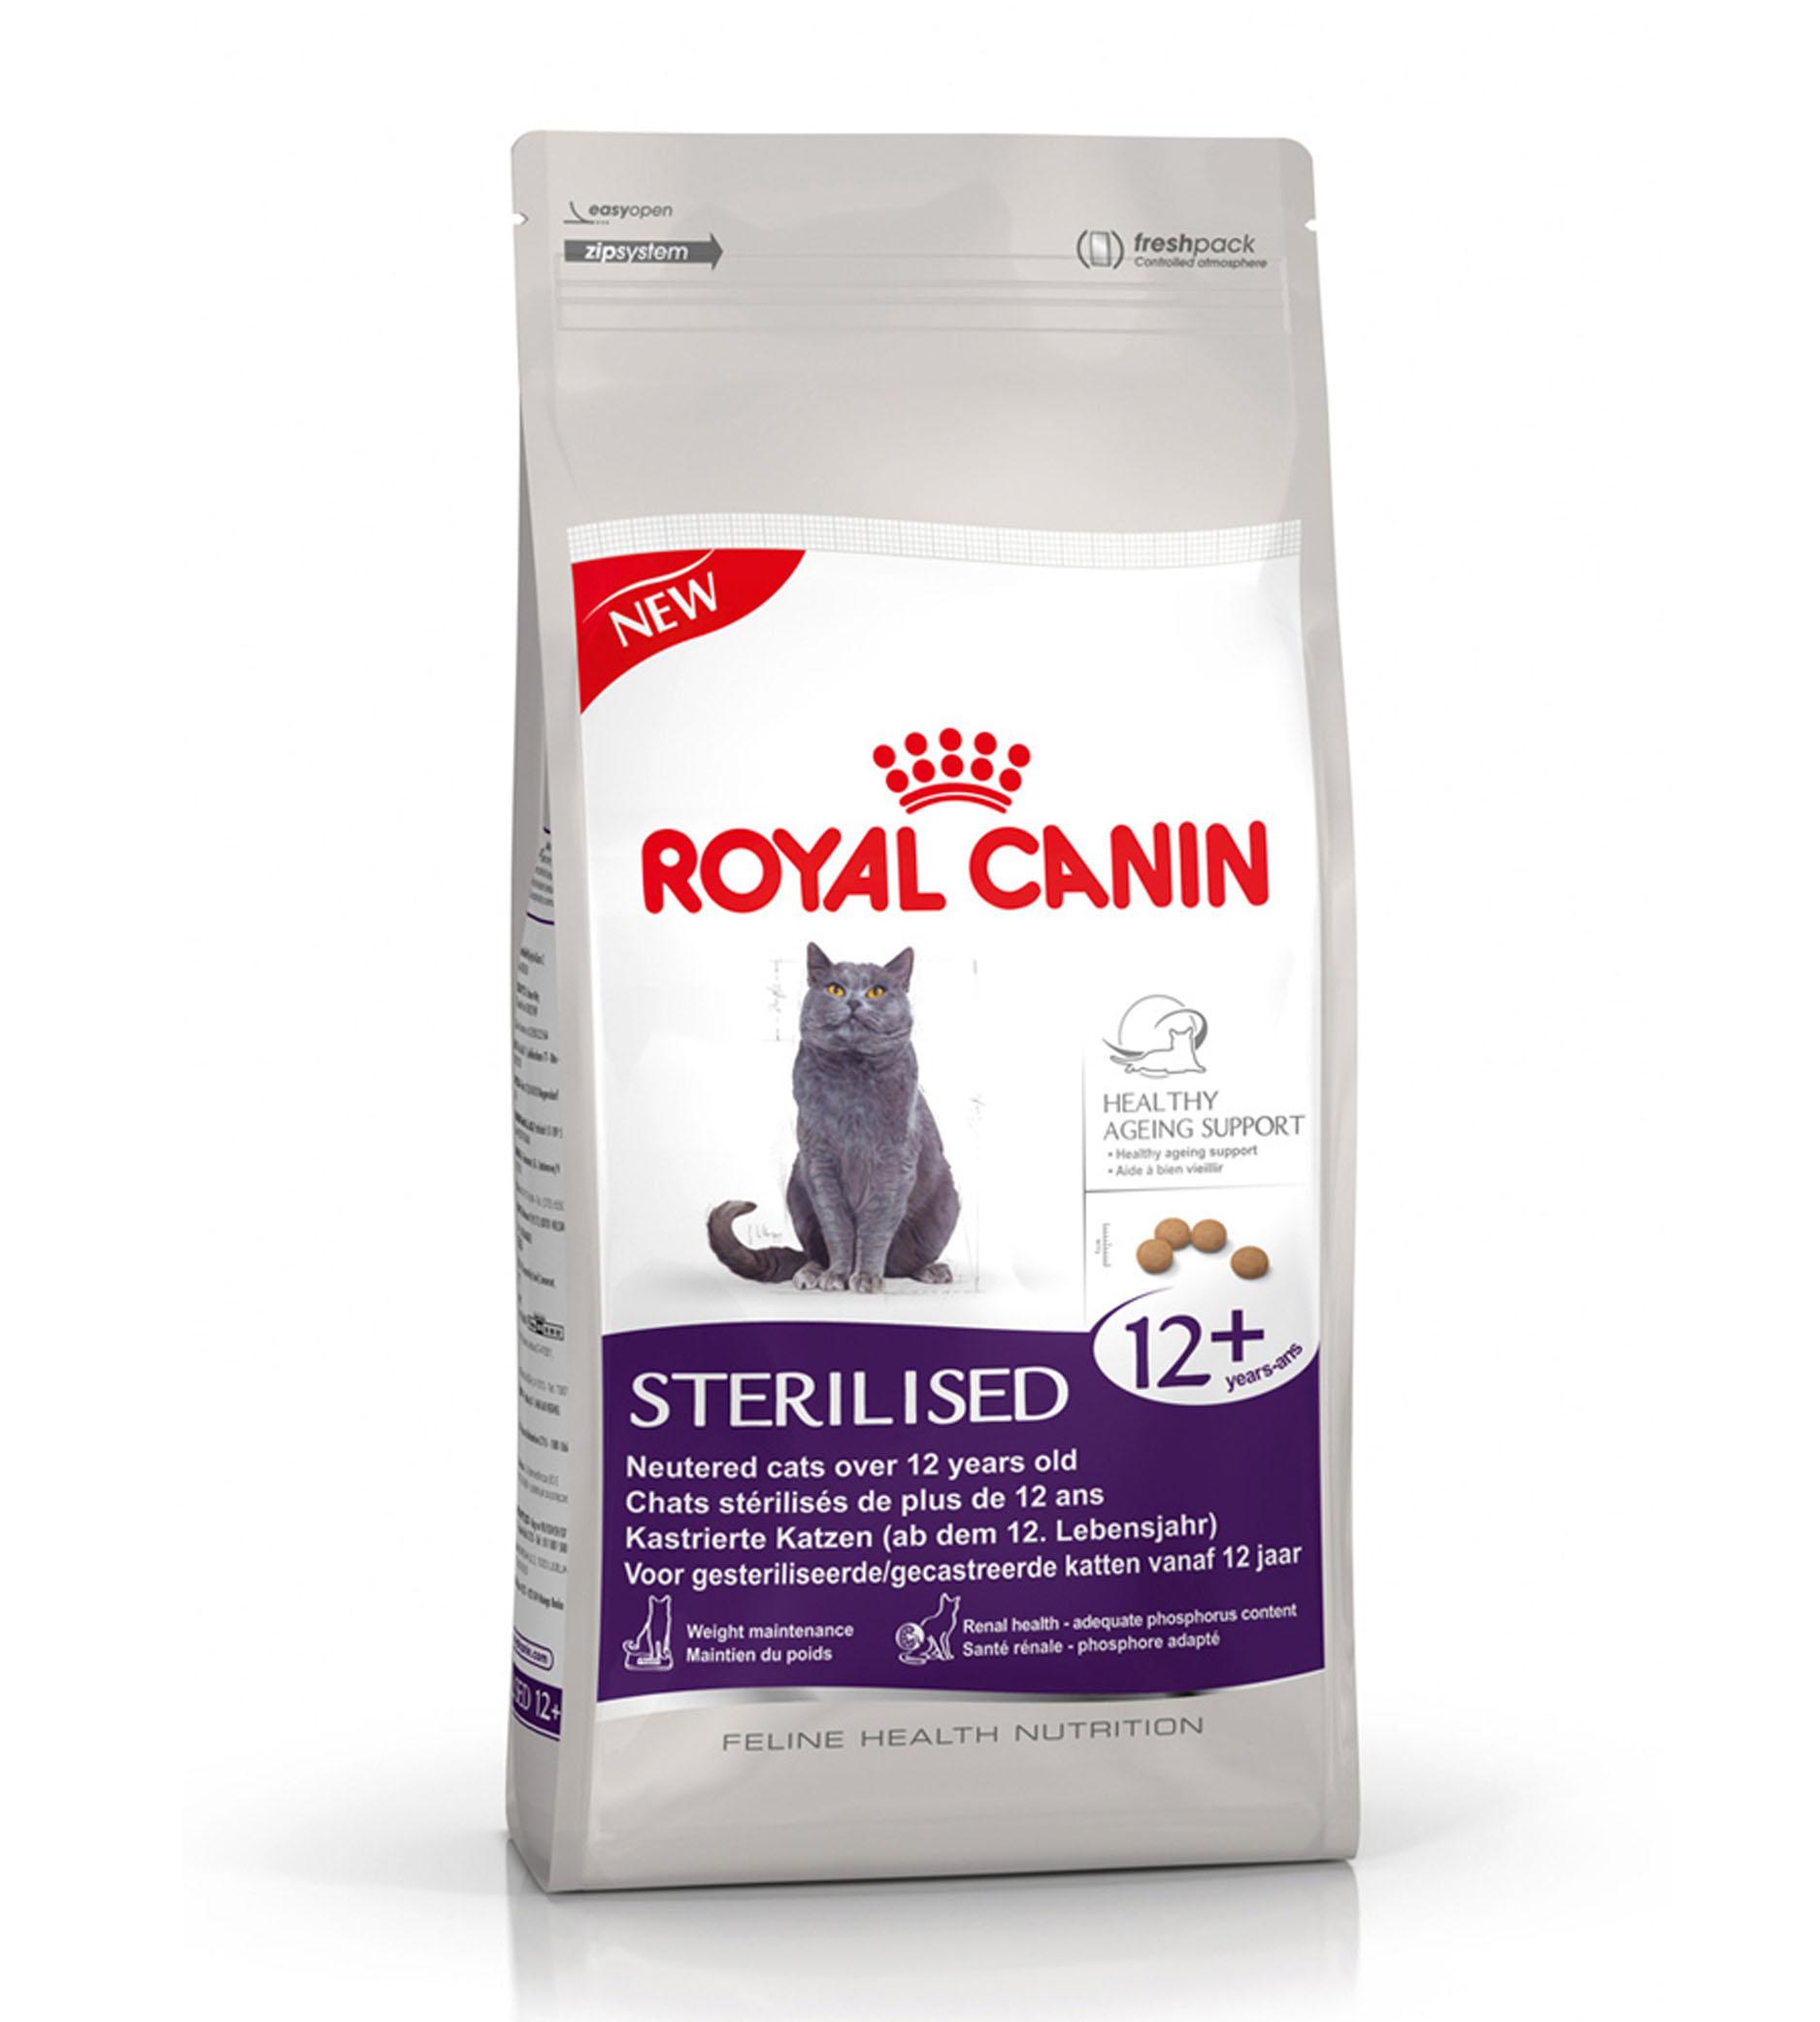 Корм сухой Royal Canin Sterelised 12+, для кастрированных котов и стерилизованных кошек старше 12 лет, 400 г533004Корм сухой Royal Canin Sterelised 12+ - полнорационный сухой корм подходит стареющим стерилизованным кошкам старше 12 лет. Поддержание здоровья кошки в старости. Корм STERILISED 12+ помогает поддерживать здоровье стареющих стерилизованных кошек с помощью комплекса антиоксидантов (витамины, ликопен, полифенолы зеленого чая и винограда) и повышенного содержания незаменимых жирных кислот. Контроль веса кошки. Корм поддерживает оптимальную массу тела стареющей стерилизованной кошки благодаря умеренному уровню жиров. Здоровье почек - оптимальный уровень фосфора. Корм содержит фосфор в количестве, адаптированном для стерилизованных кошек (0,6%), что помогает сохранить здоровье почек. Состав: кукуруза, изолят растительных белков, кукурузная мука, дегидратированные белки животного происхождения (птица), кукурузная клейковина, пшеница, животные жиры, растительная клетчатка, гидролизат белков животного происхождения, экстракт цикория, минеральные...